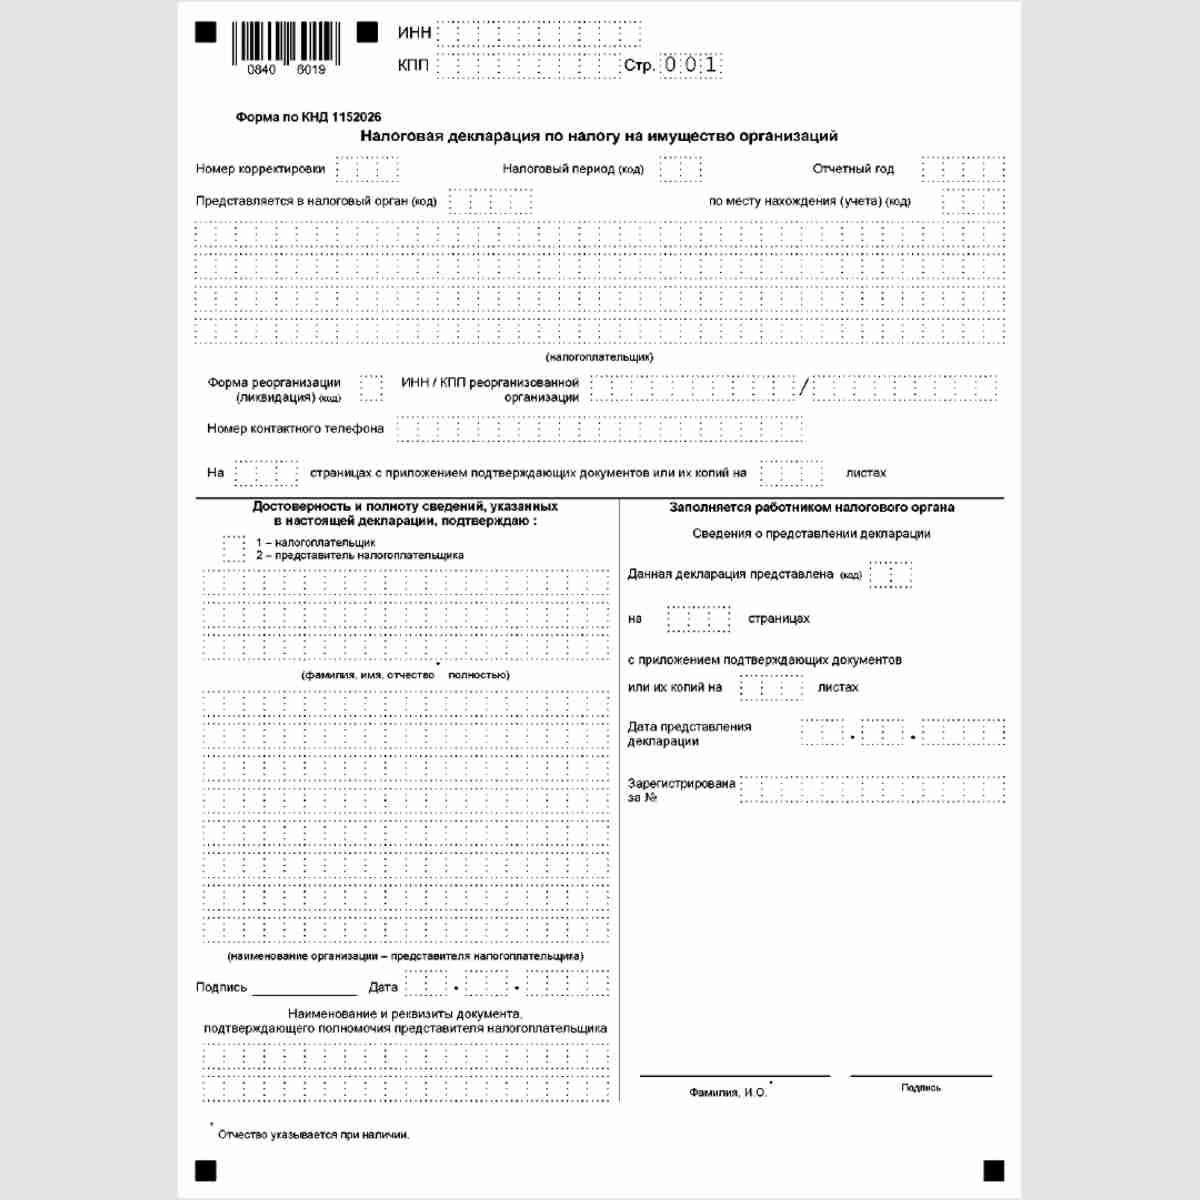 """Форма КНД 1152026 """"Налоговая декларация по налогу на имущество организаций"""". Титульный лист"""